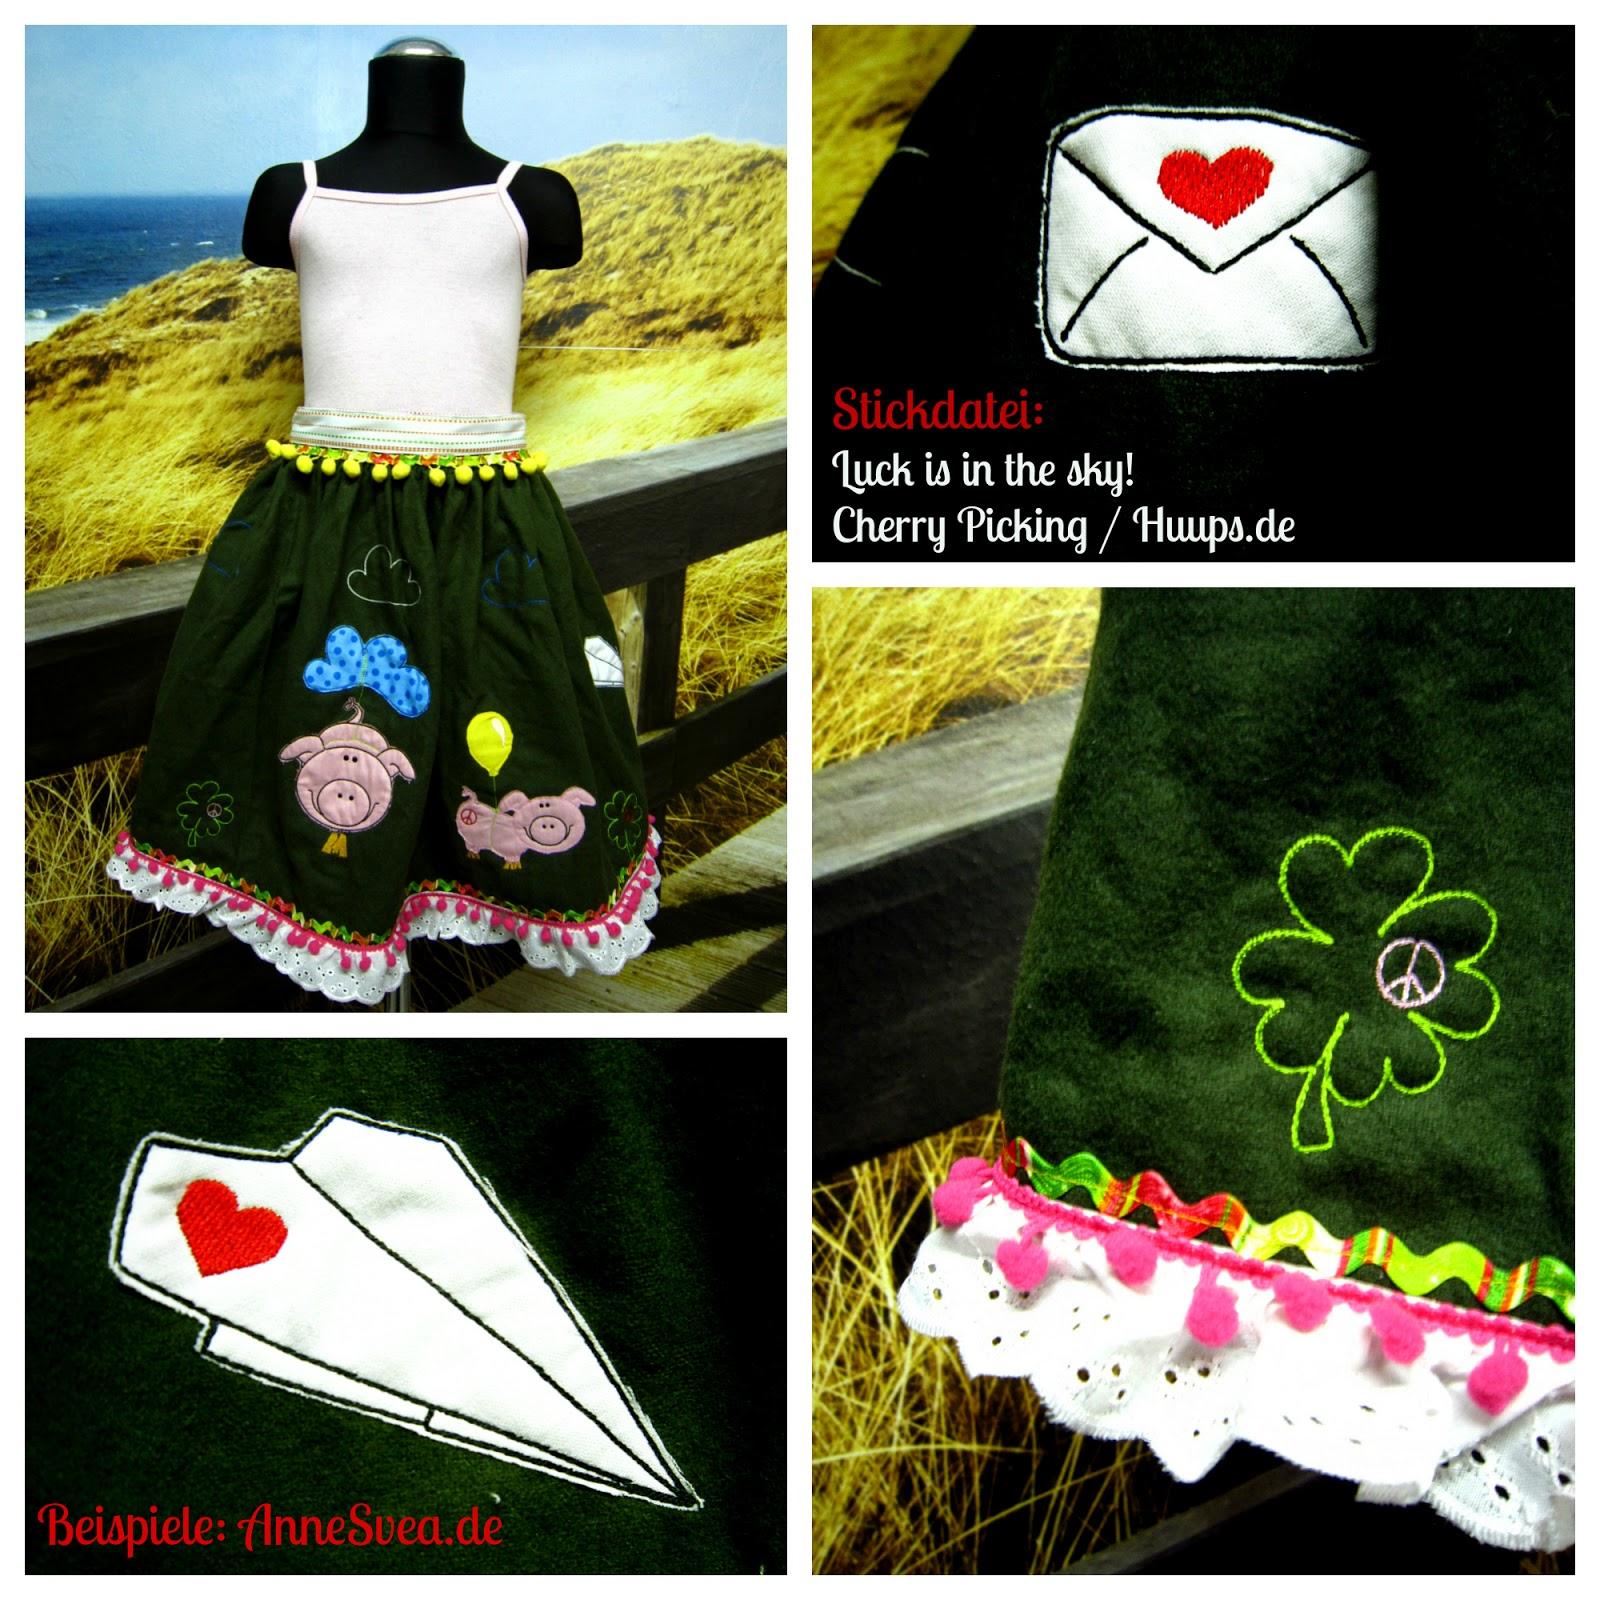 http://2.bp.blogspot.com/-YZsQZiLHzYc/U7uvmlcE2SI/AAAAAAAAGUE/XbgXf4ROWXM/s1600/annesvea_cherrypicking_huups_luck_is_in_the_sky_stickdatei_schwein_klee_letter_flieger_herz_01.jpg